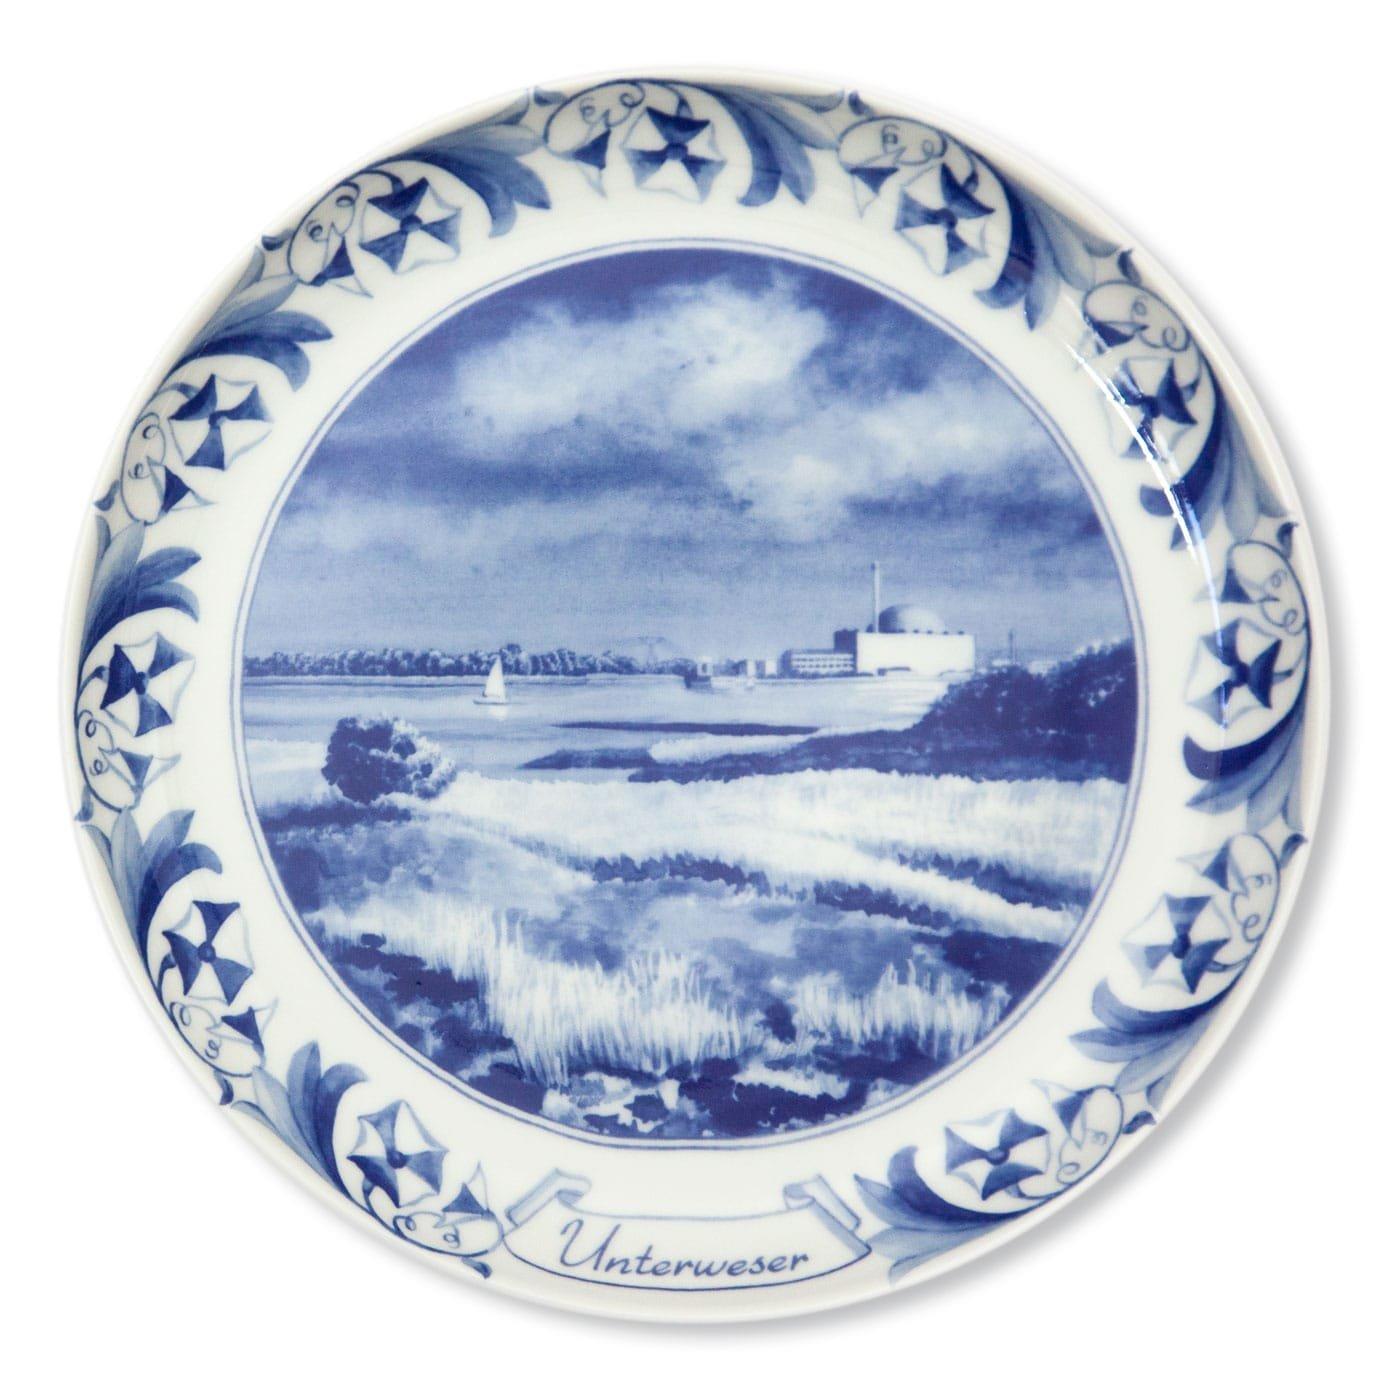 porcelain-nuclear-reactors-plates-unterweser